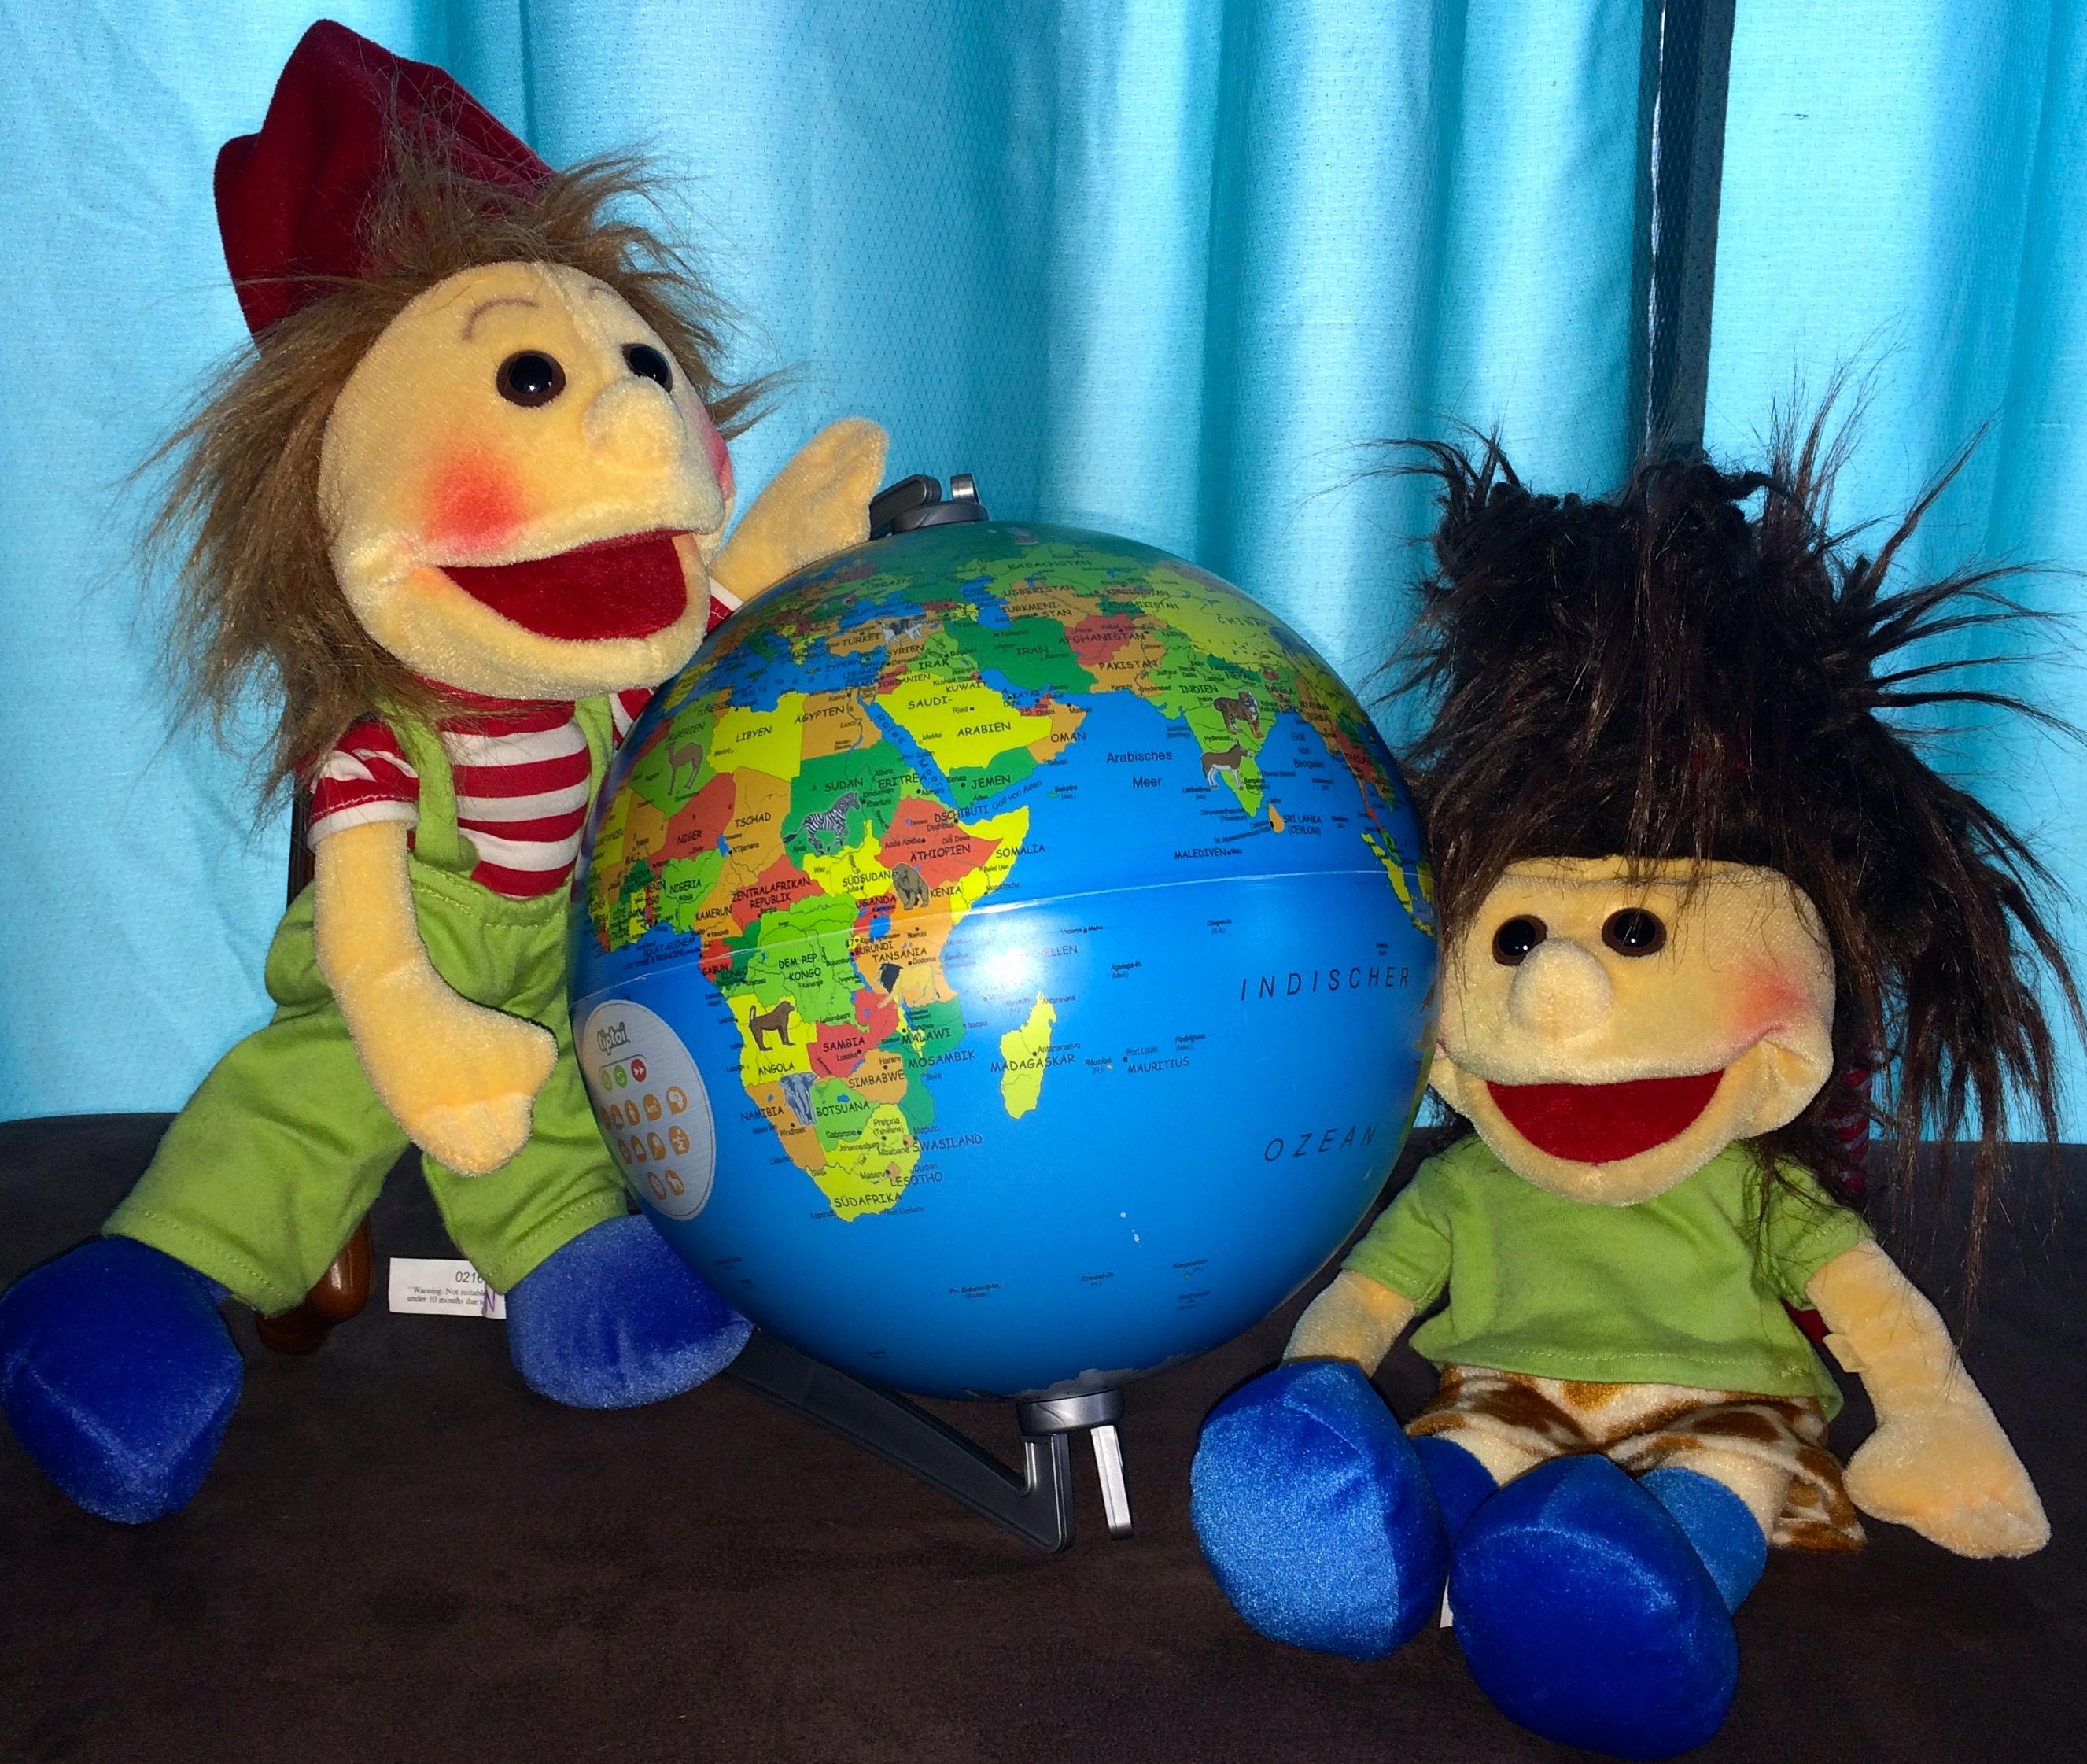 Mit Zipfel und Yosi die Welt entdecken